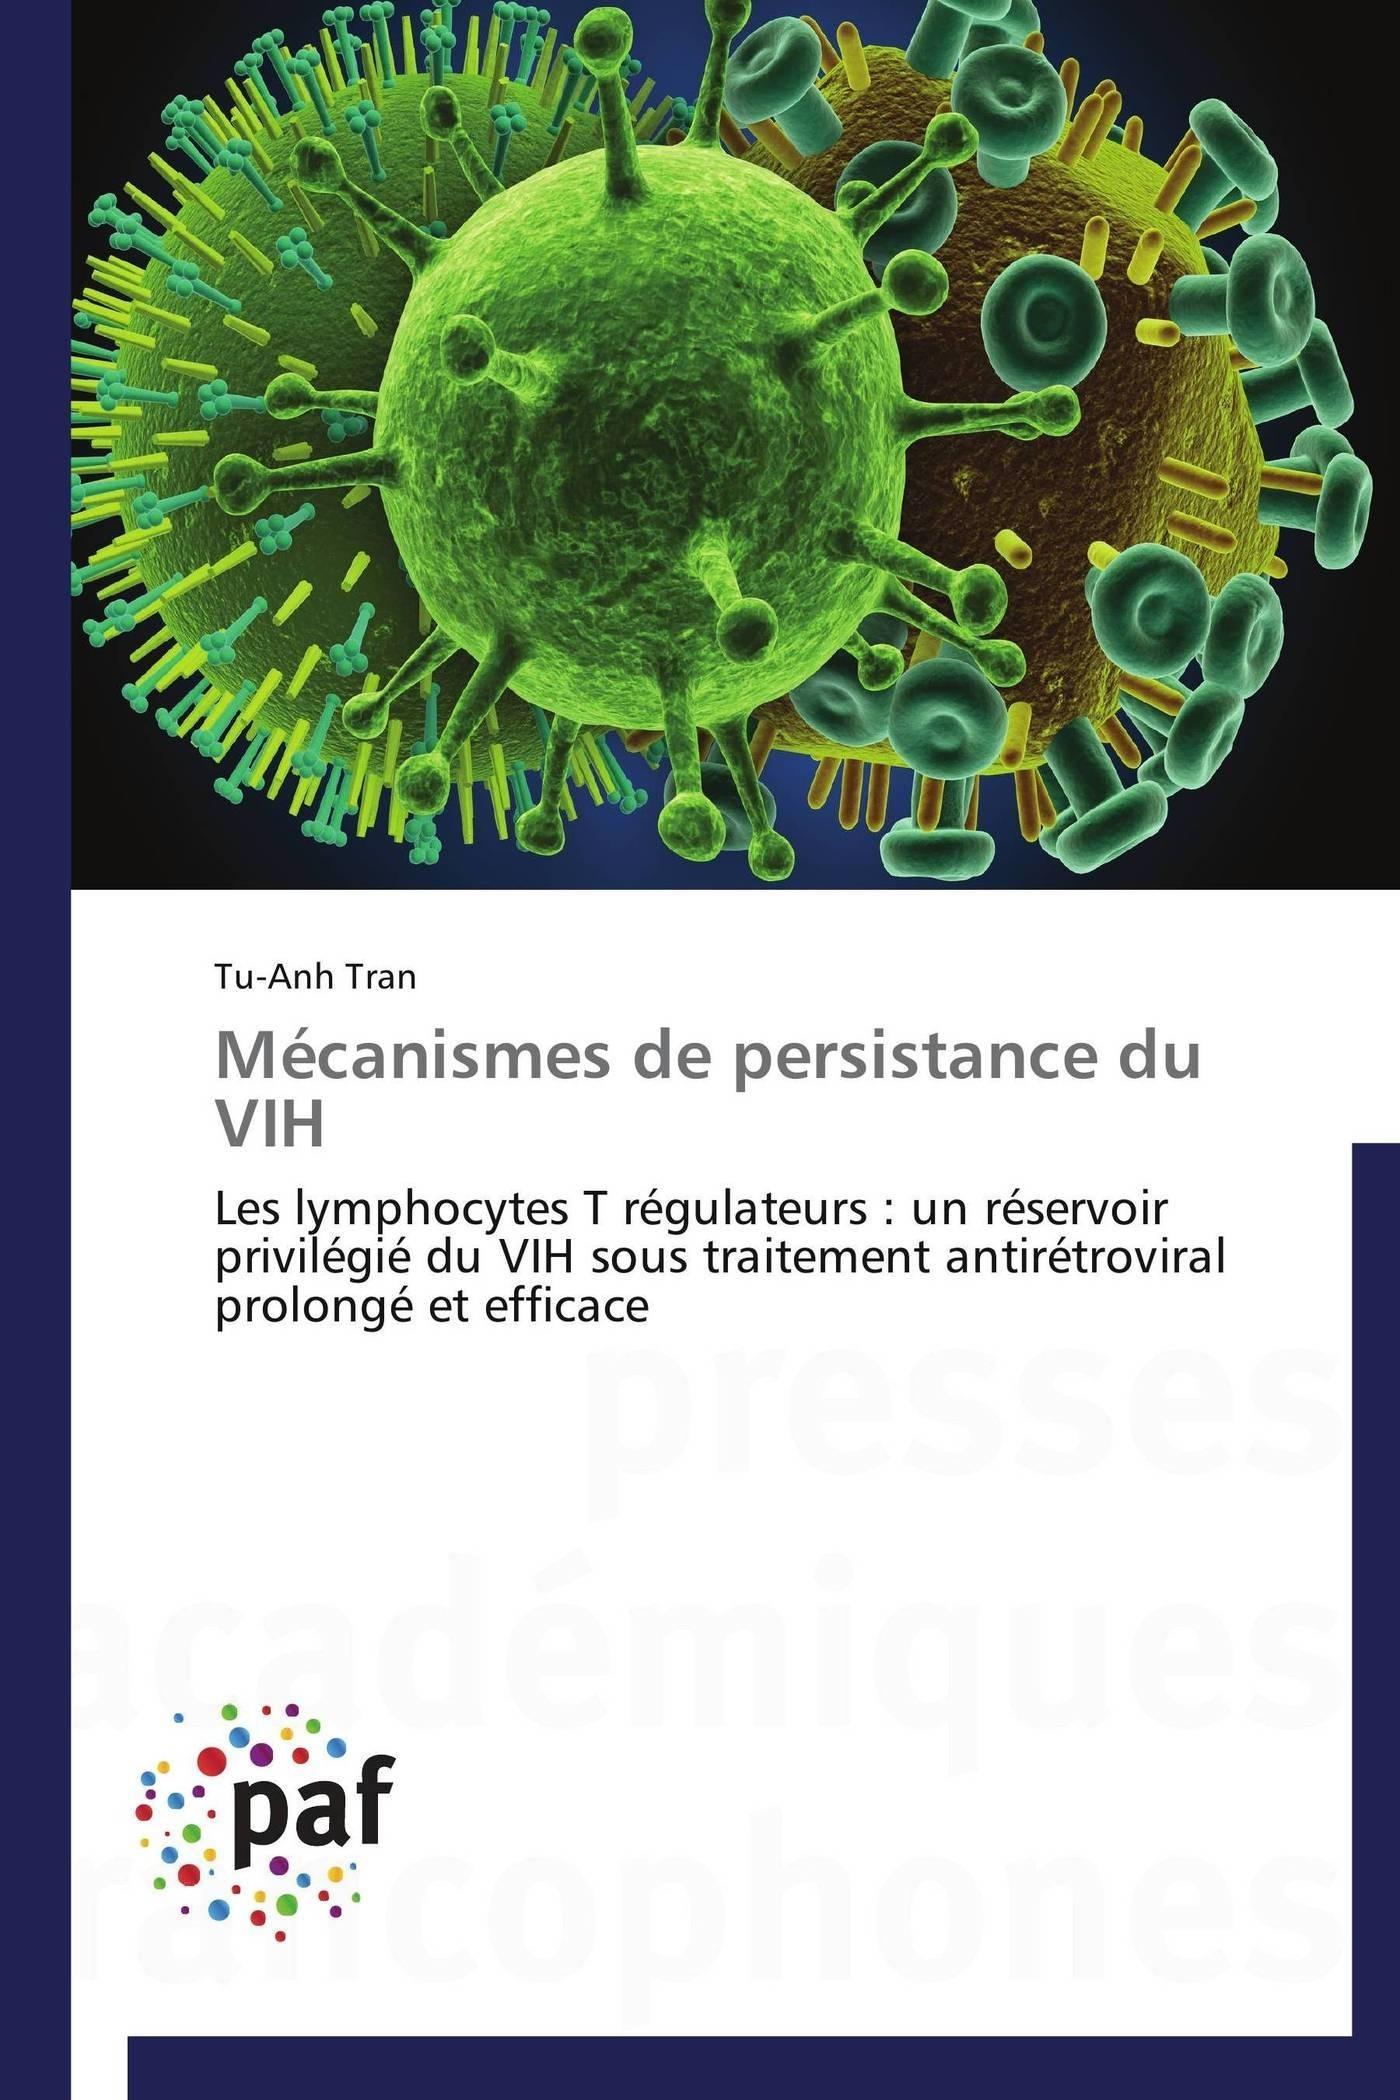 MECANISMES DE PERSISTANCE DU VIH